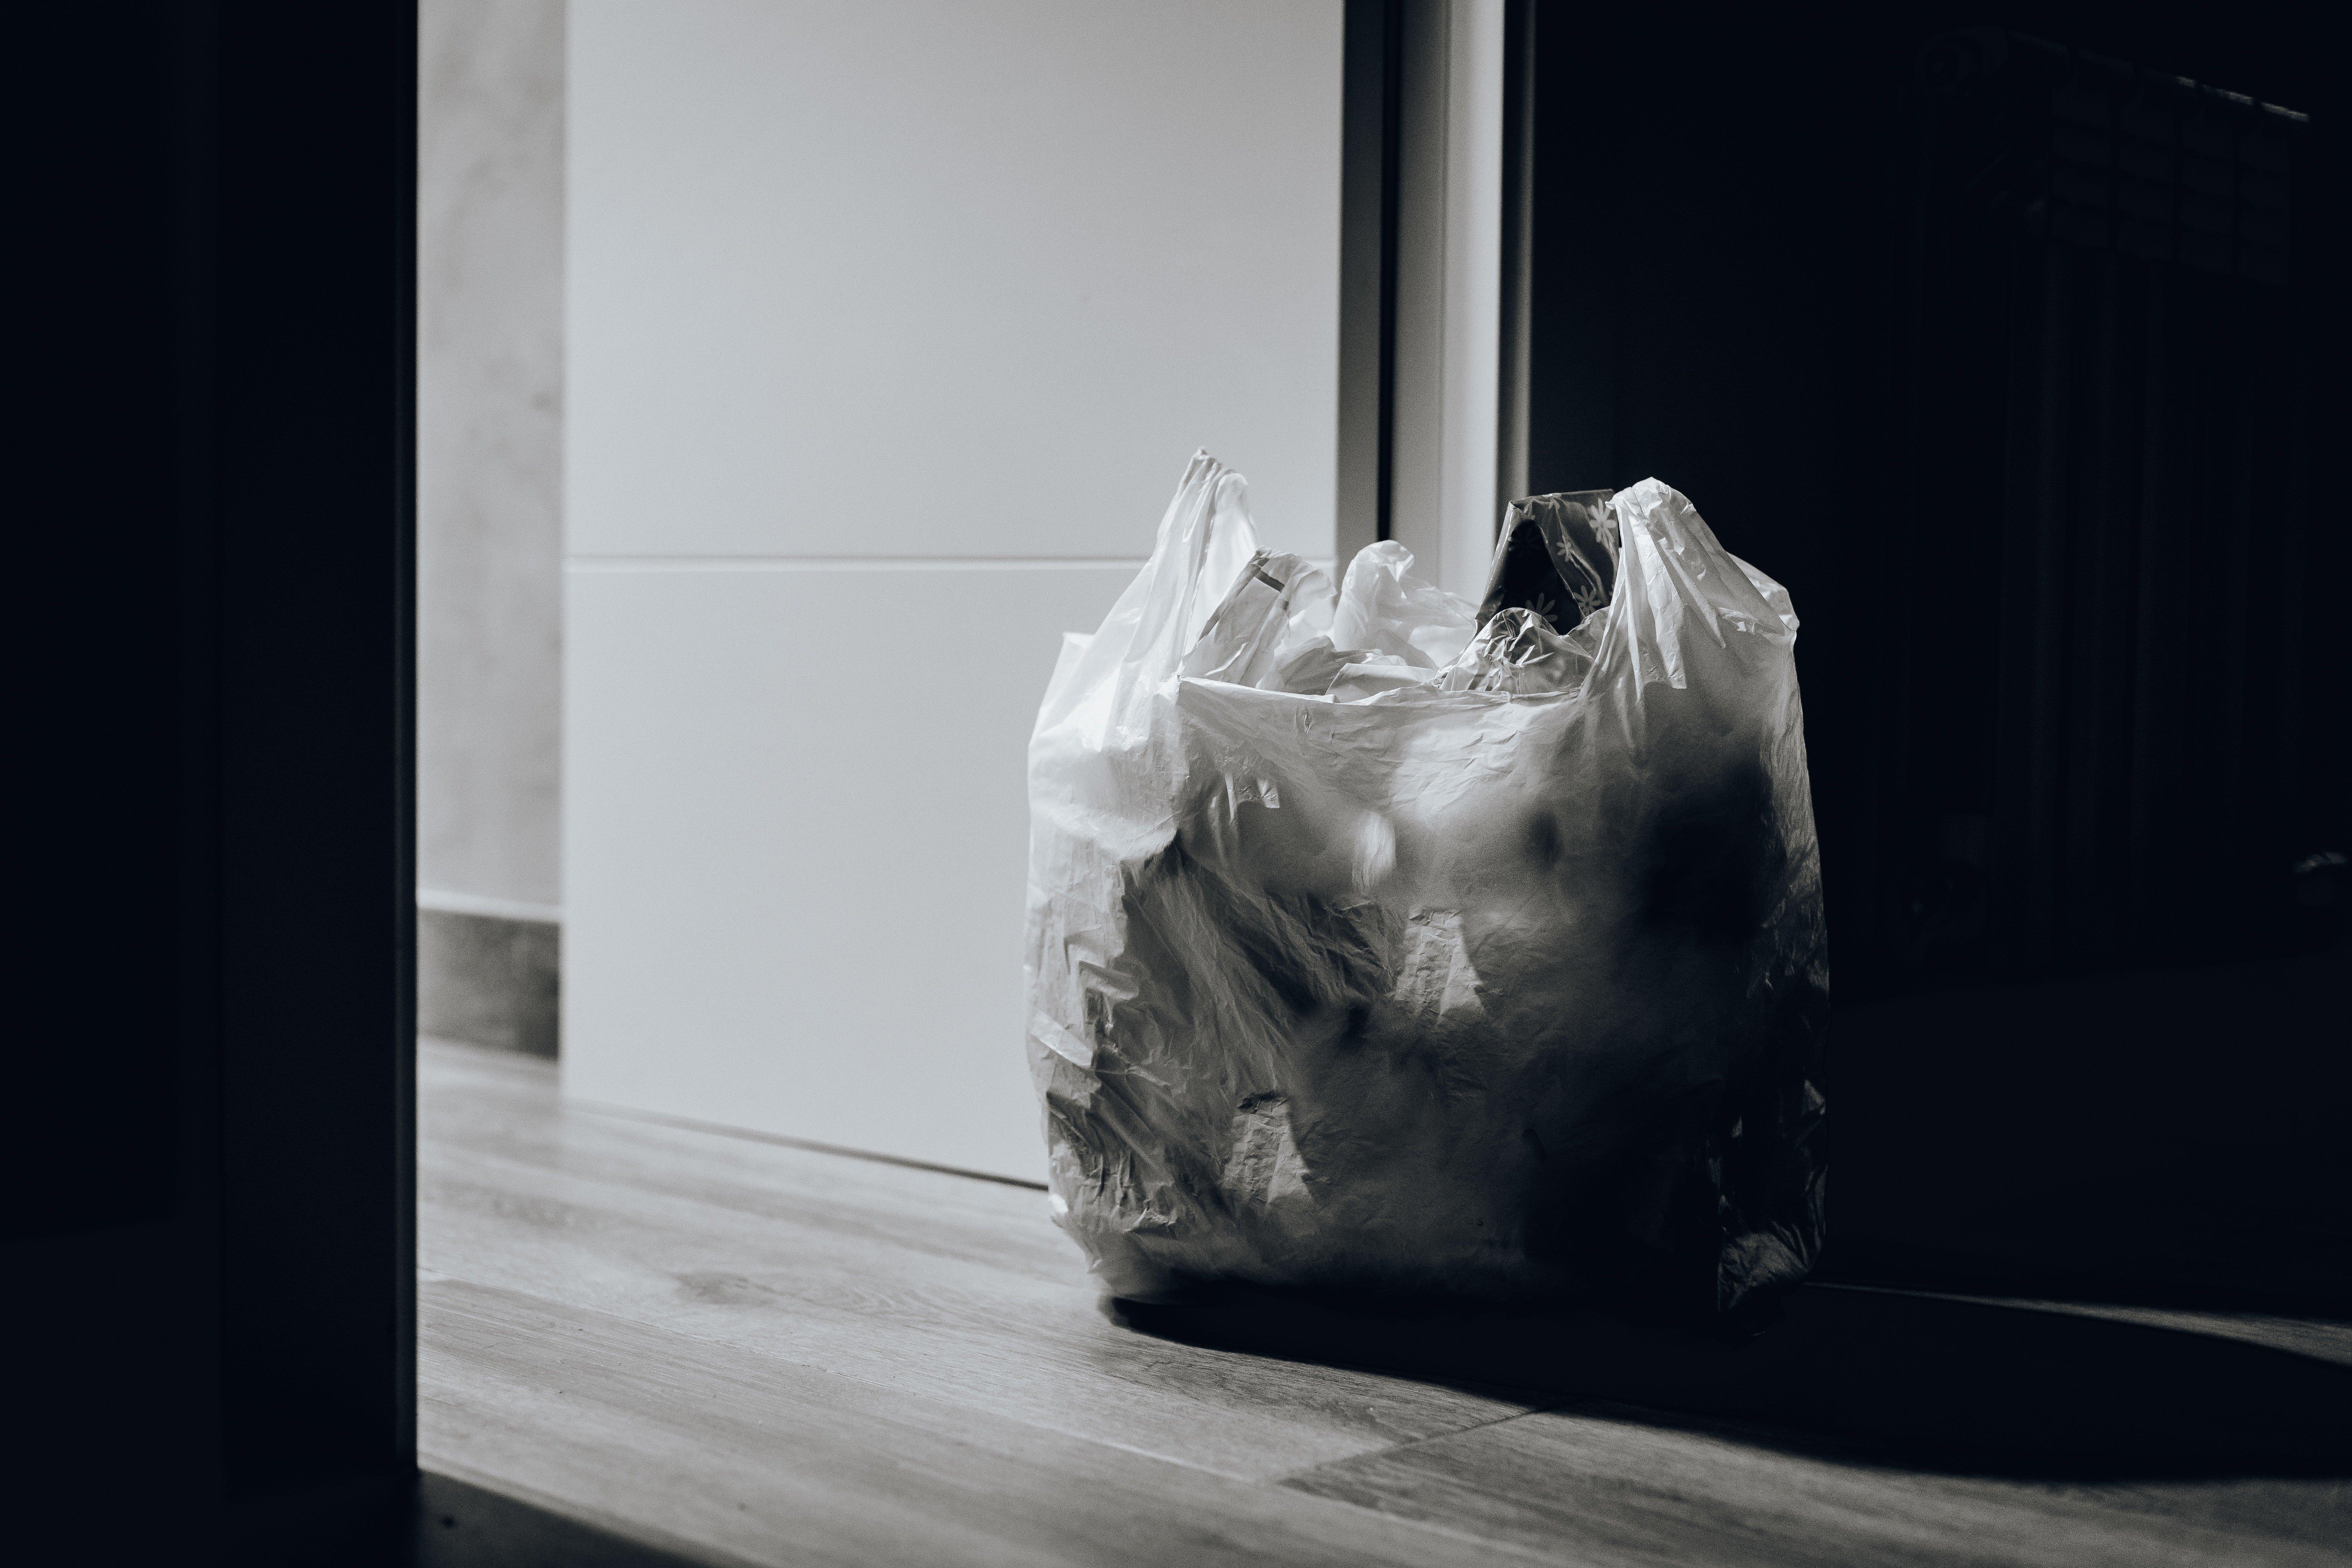 핀란드의 1인당 비닐 사용은 연간 4장 뿐? 출처를